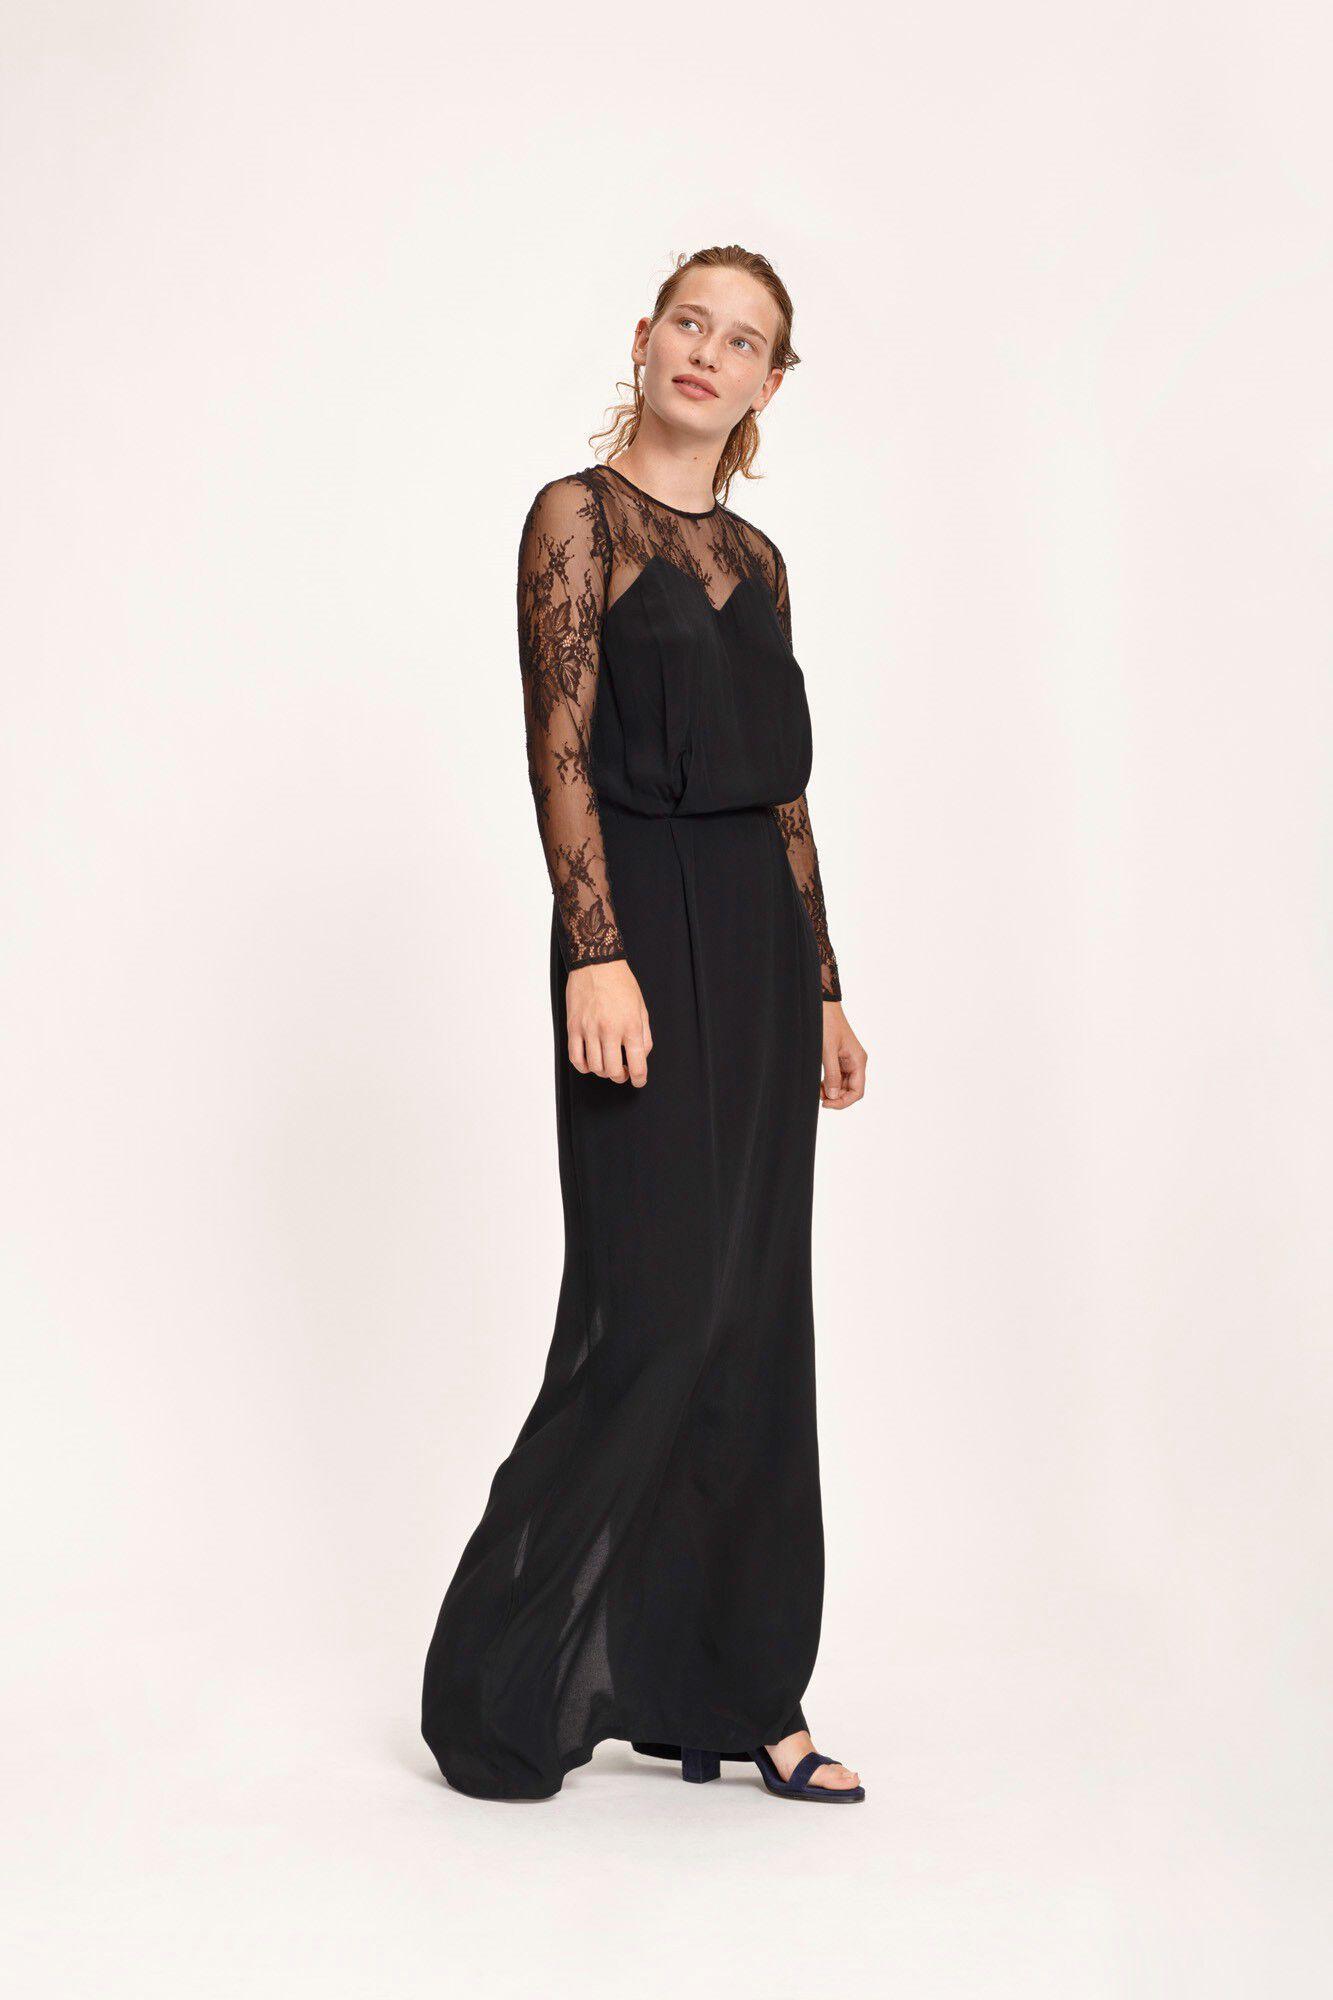 Willow l ls dress 10056